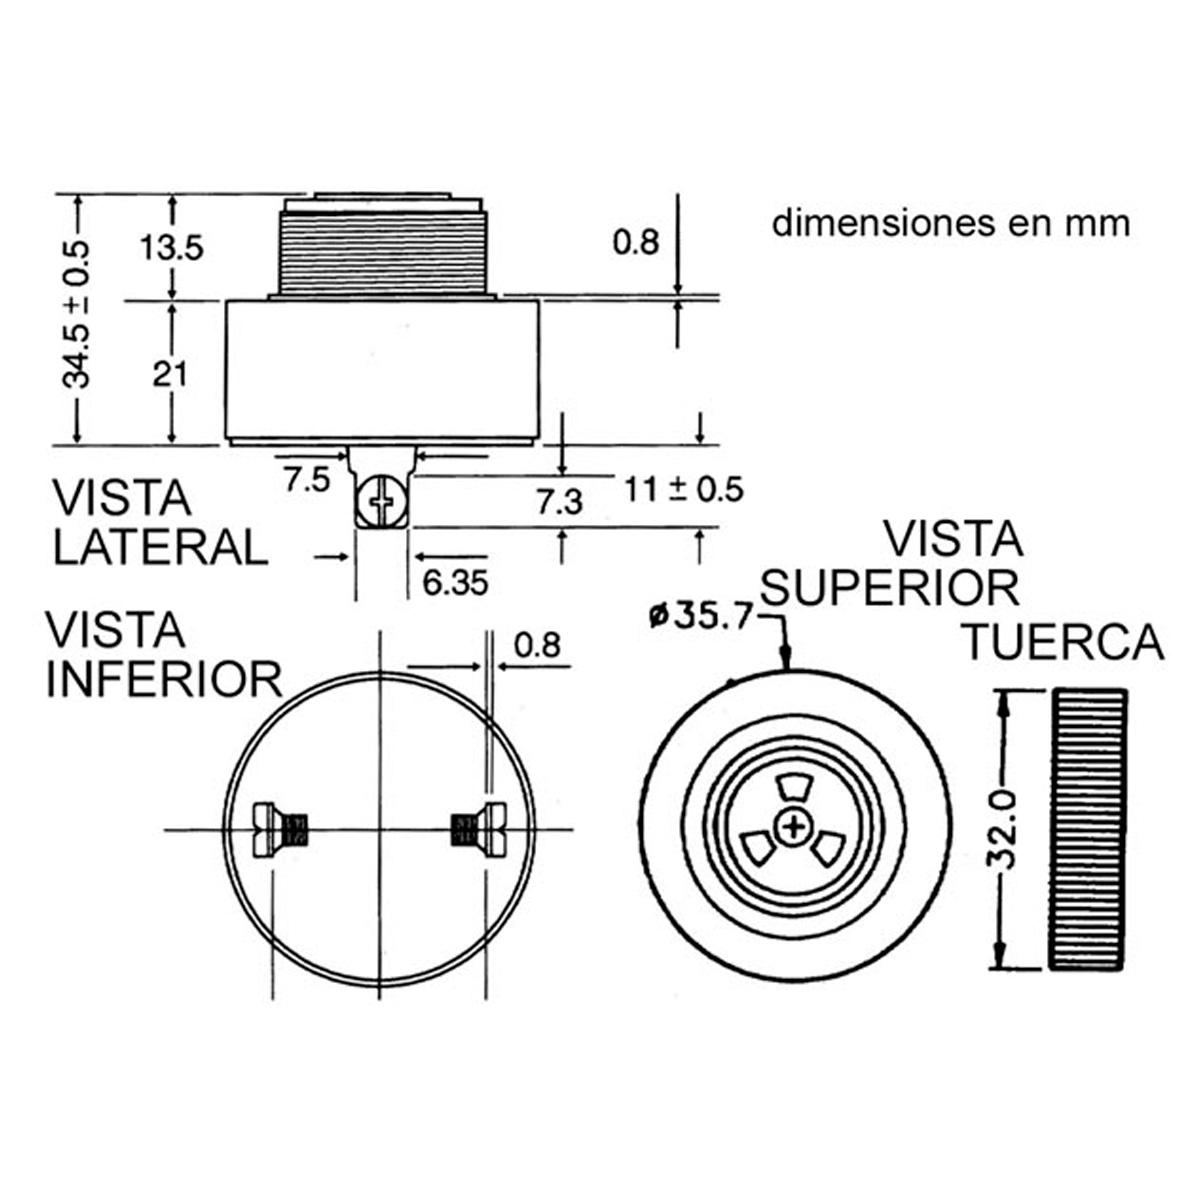 Circuito Zumbador Piezoelectrico : Zumbador piezoelectrico vdc gt sensores y transductores